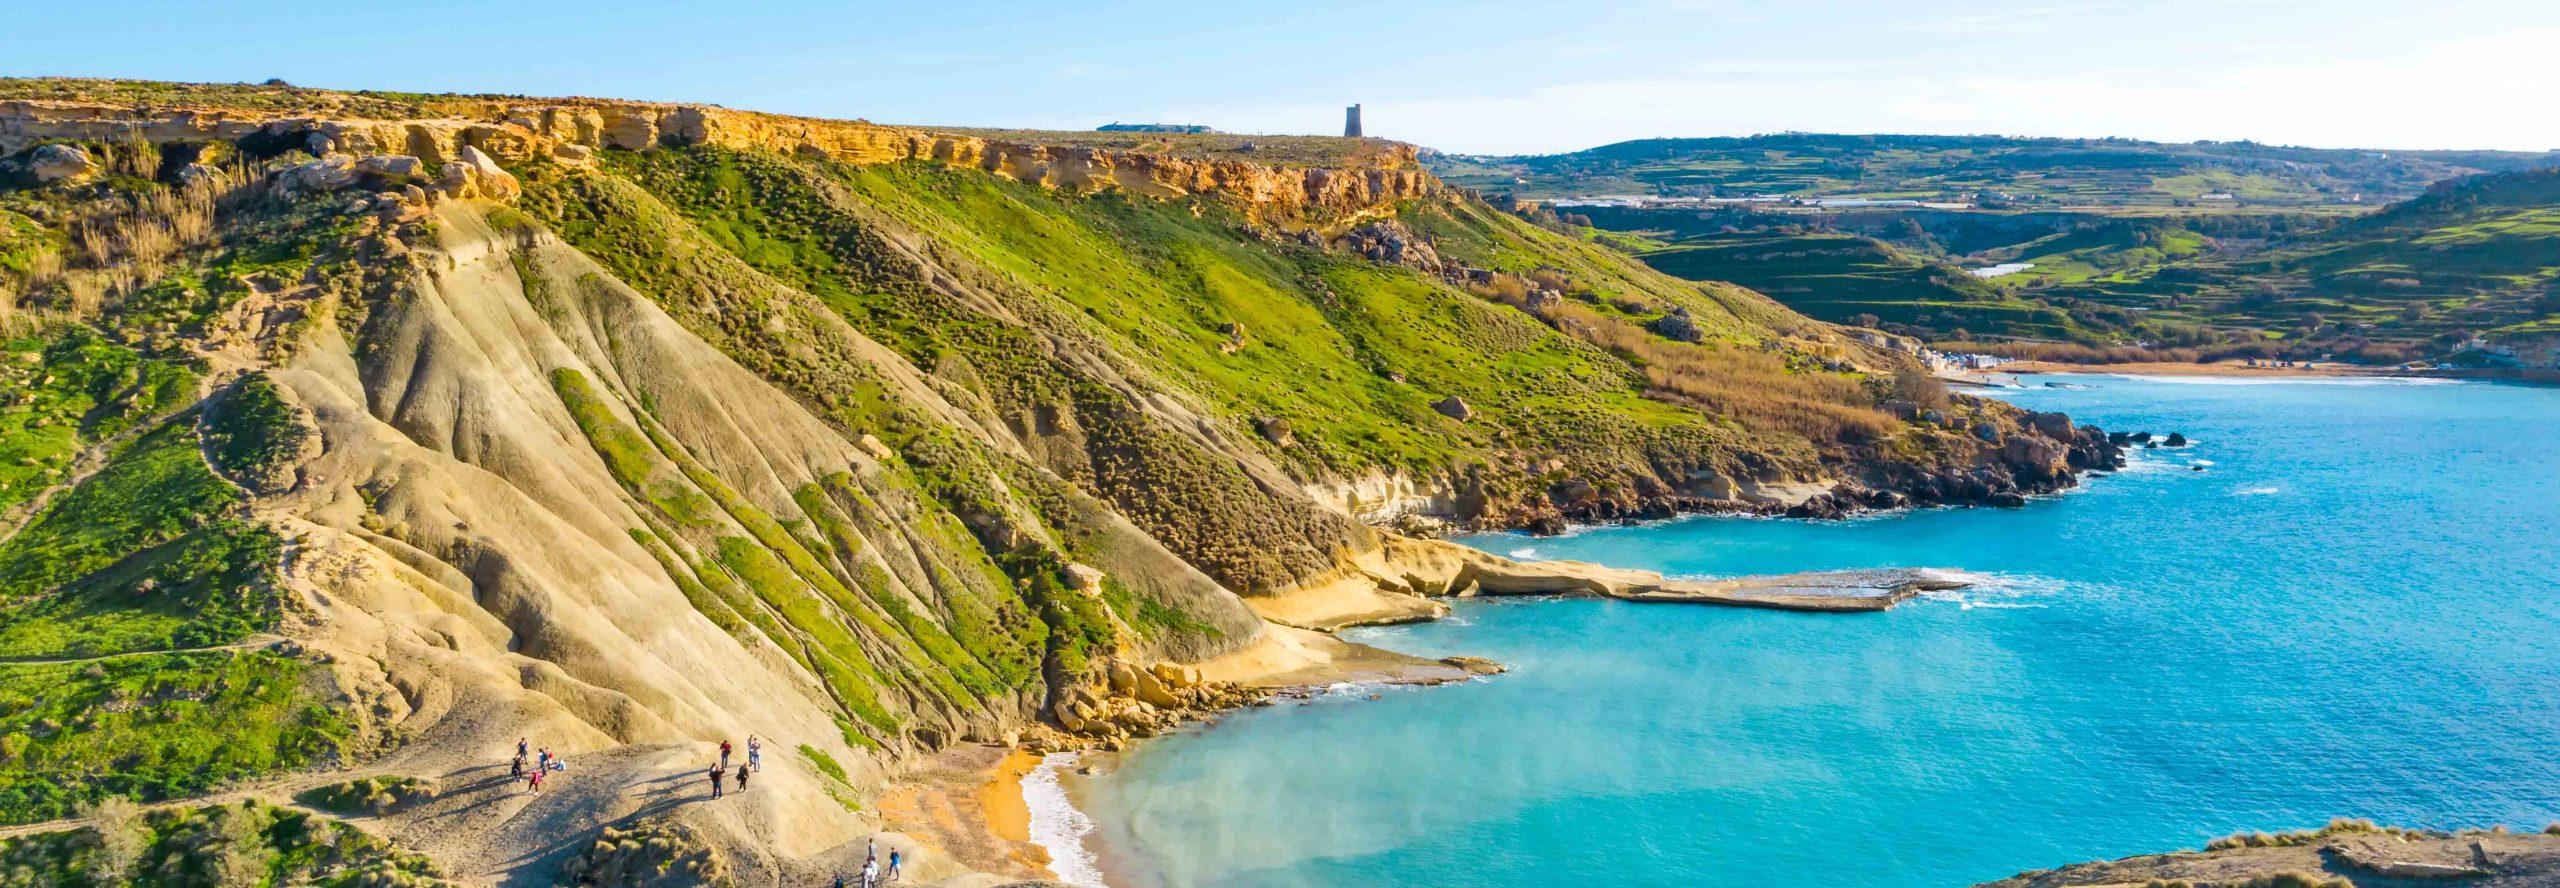 ROTEIRO MALTA: principais pontos turísticos para visitar em Malta